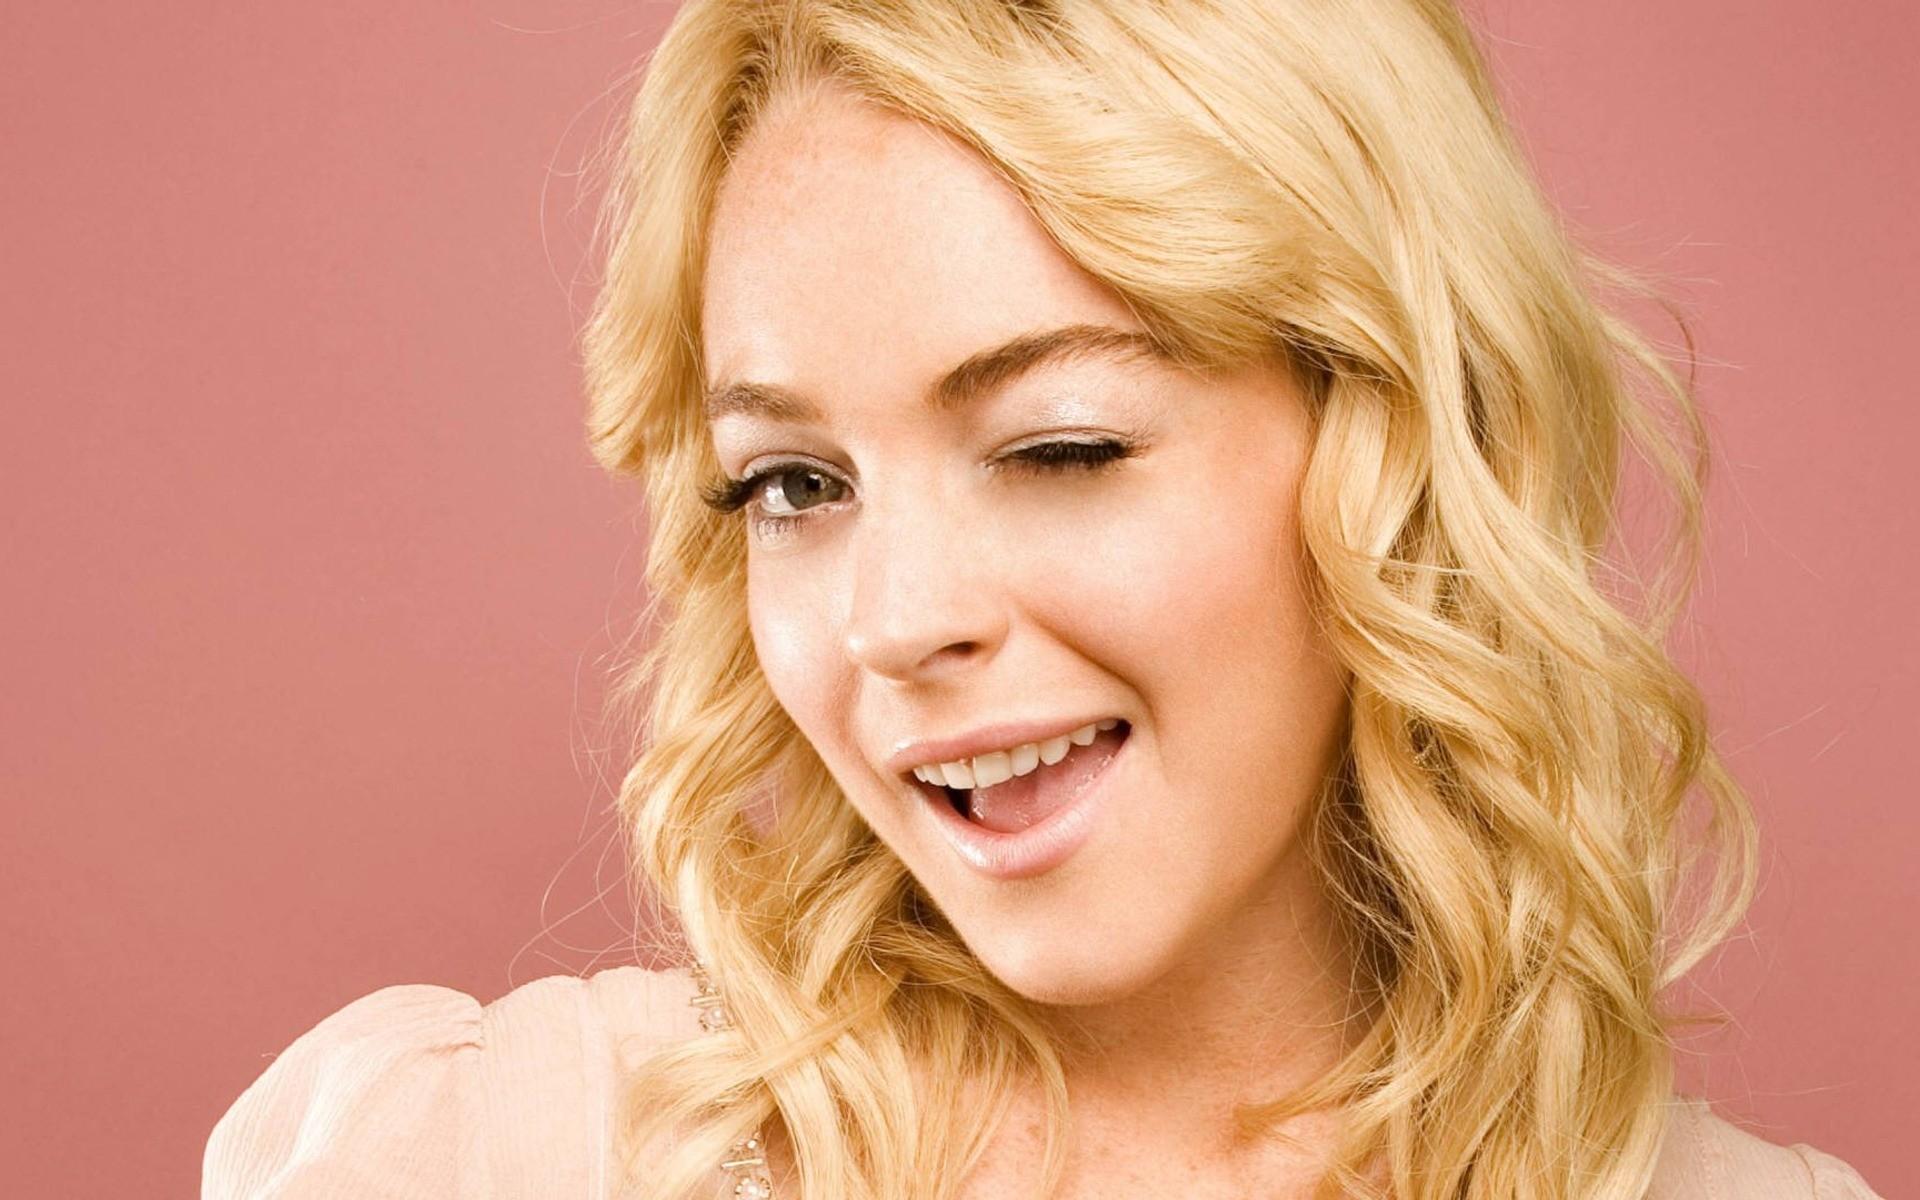 фото с подмигиванием пергидрольной блондинки